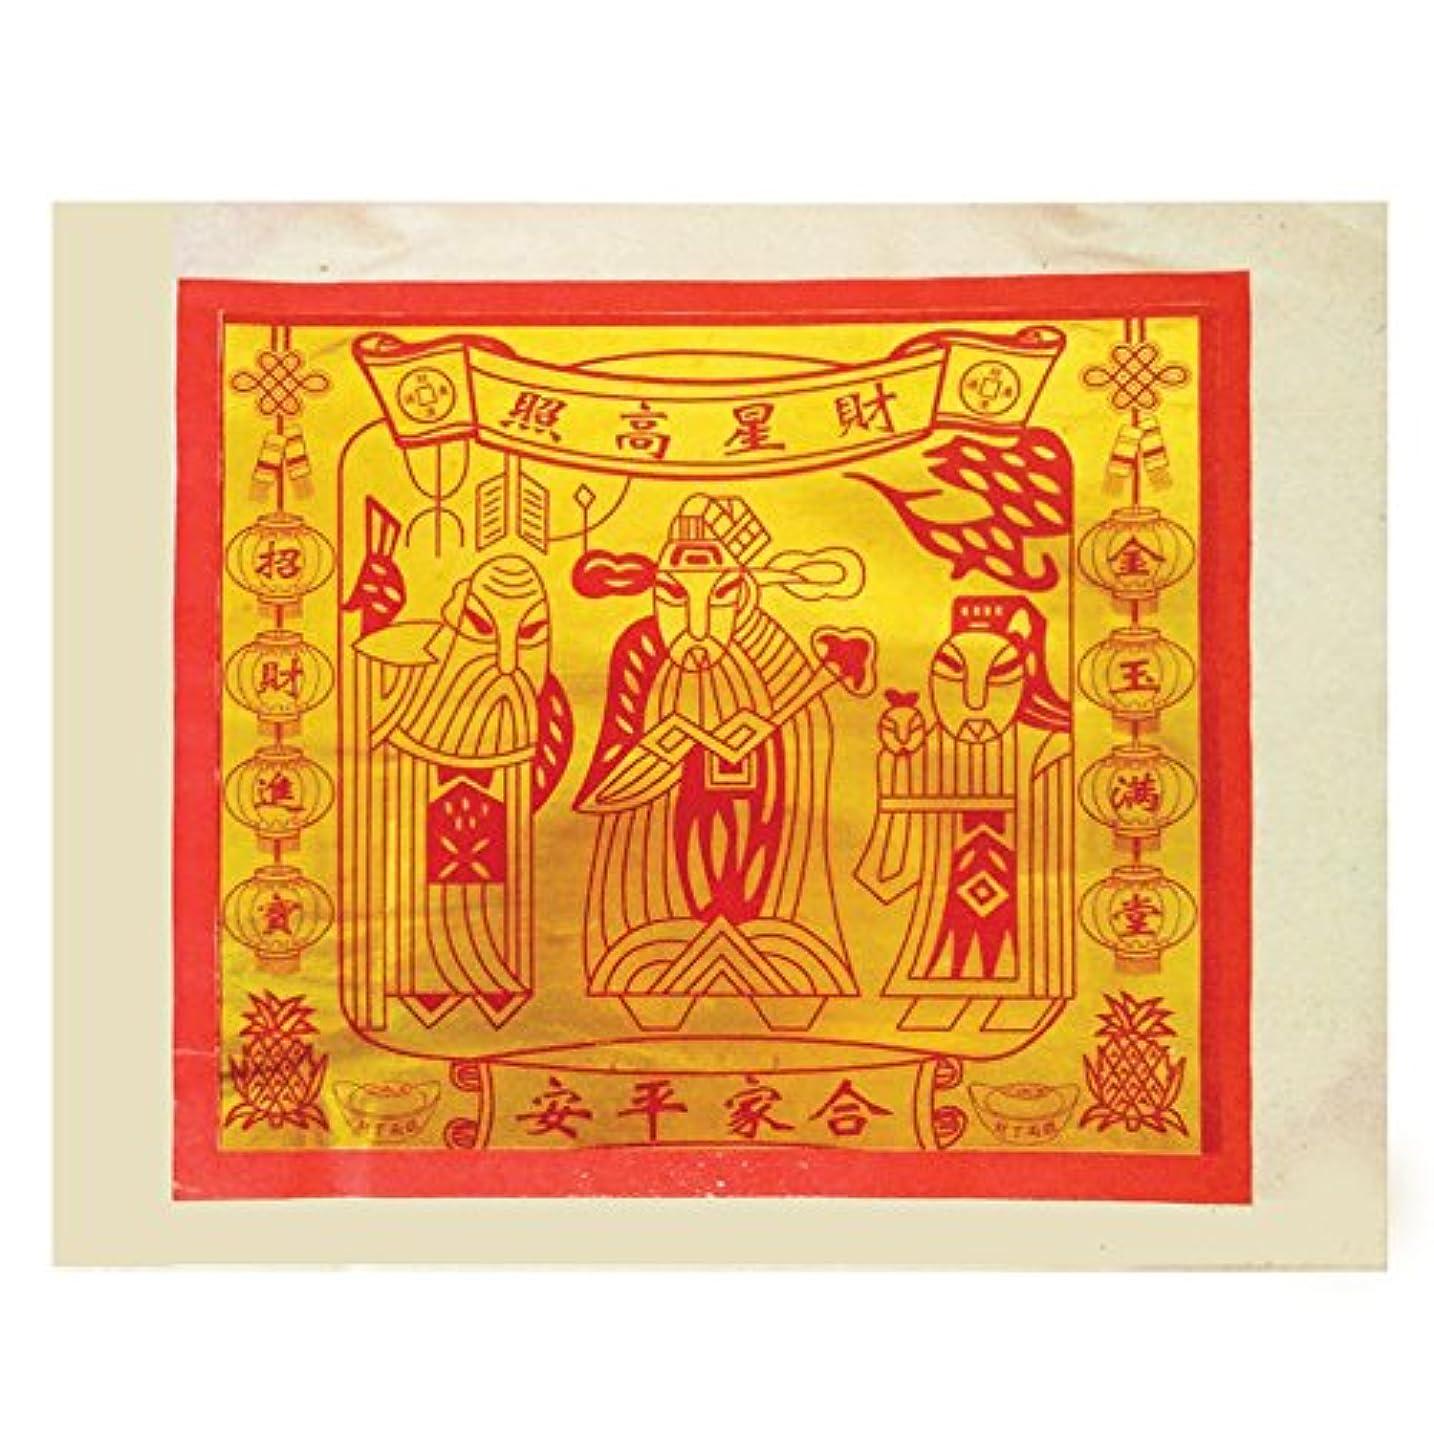 パーチナシティ傀儡間に合わせ100個Incense用紙/ Joss用紙with High Gradeゴールド箔サイズL15.75インチx 13.25インチ